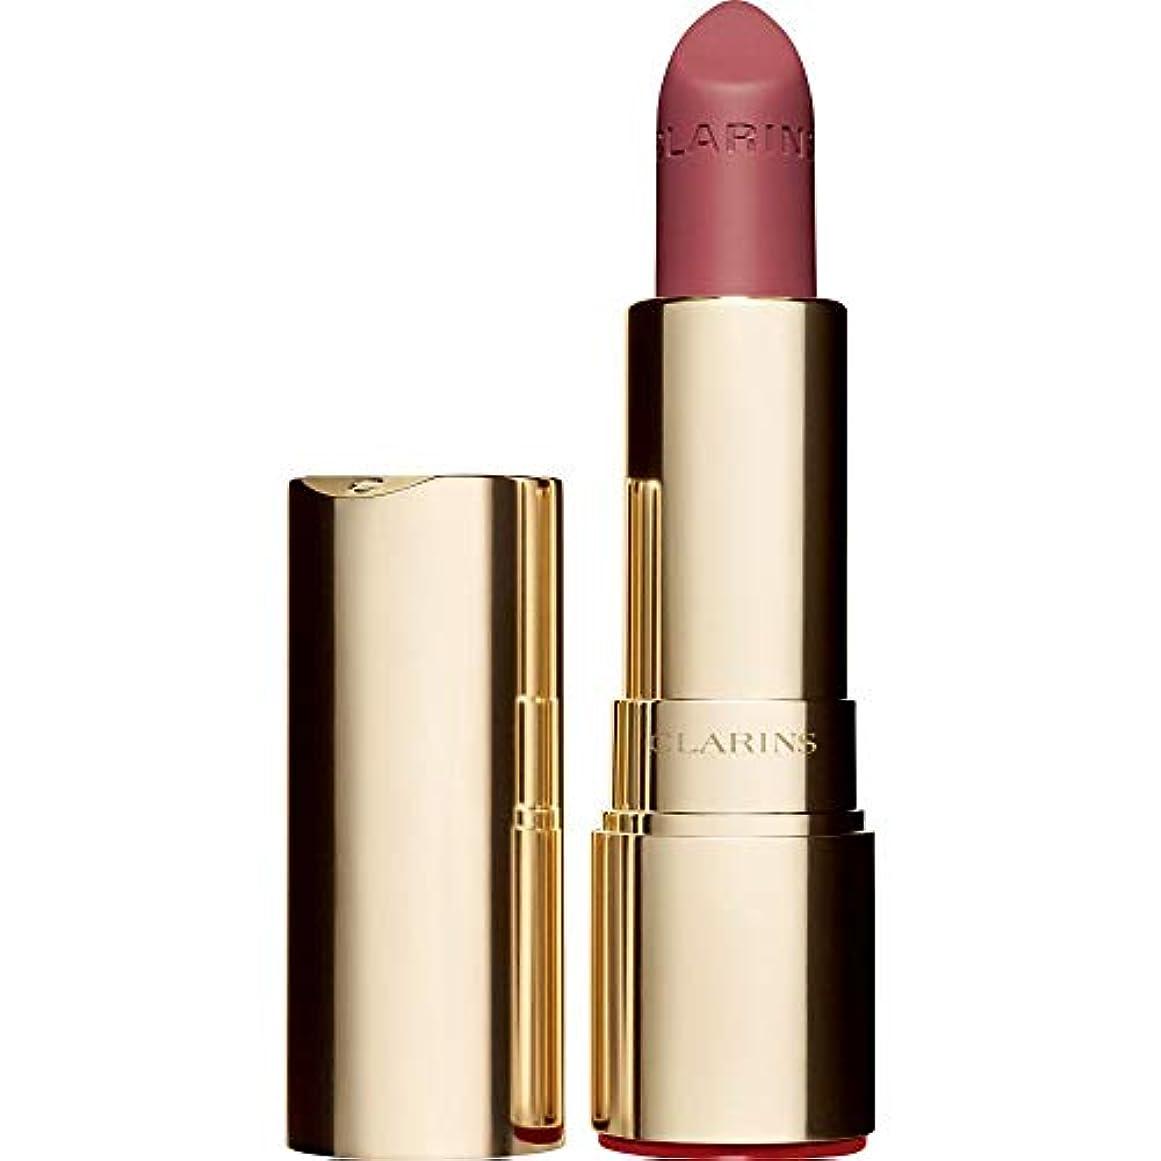 信者すずめ疾患[Clarins ] クラランスジョリルージュのベルベットの口紅3.5グラムの752V - ローズウッド - Clarins Joli Rouge Velvet Lipstick 3.5g 752V - Rosewood...